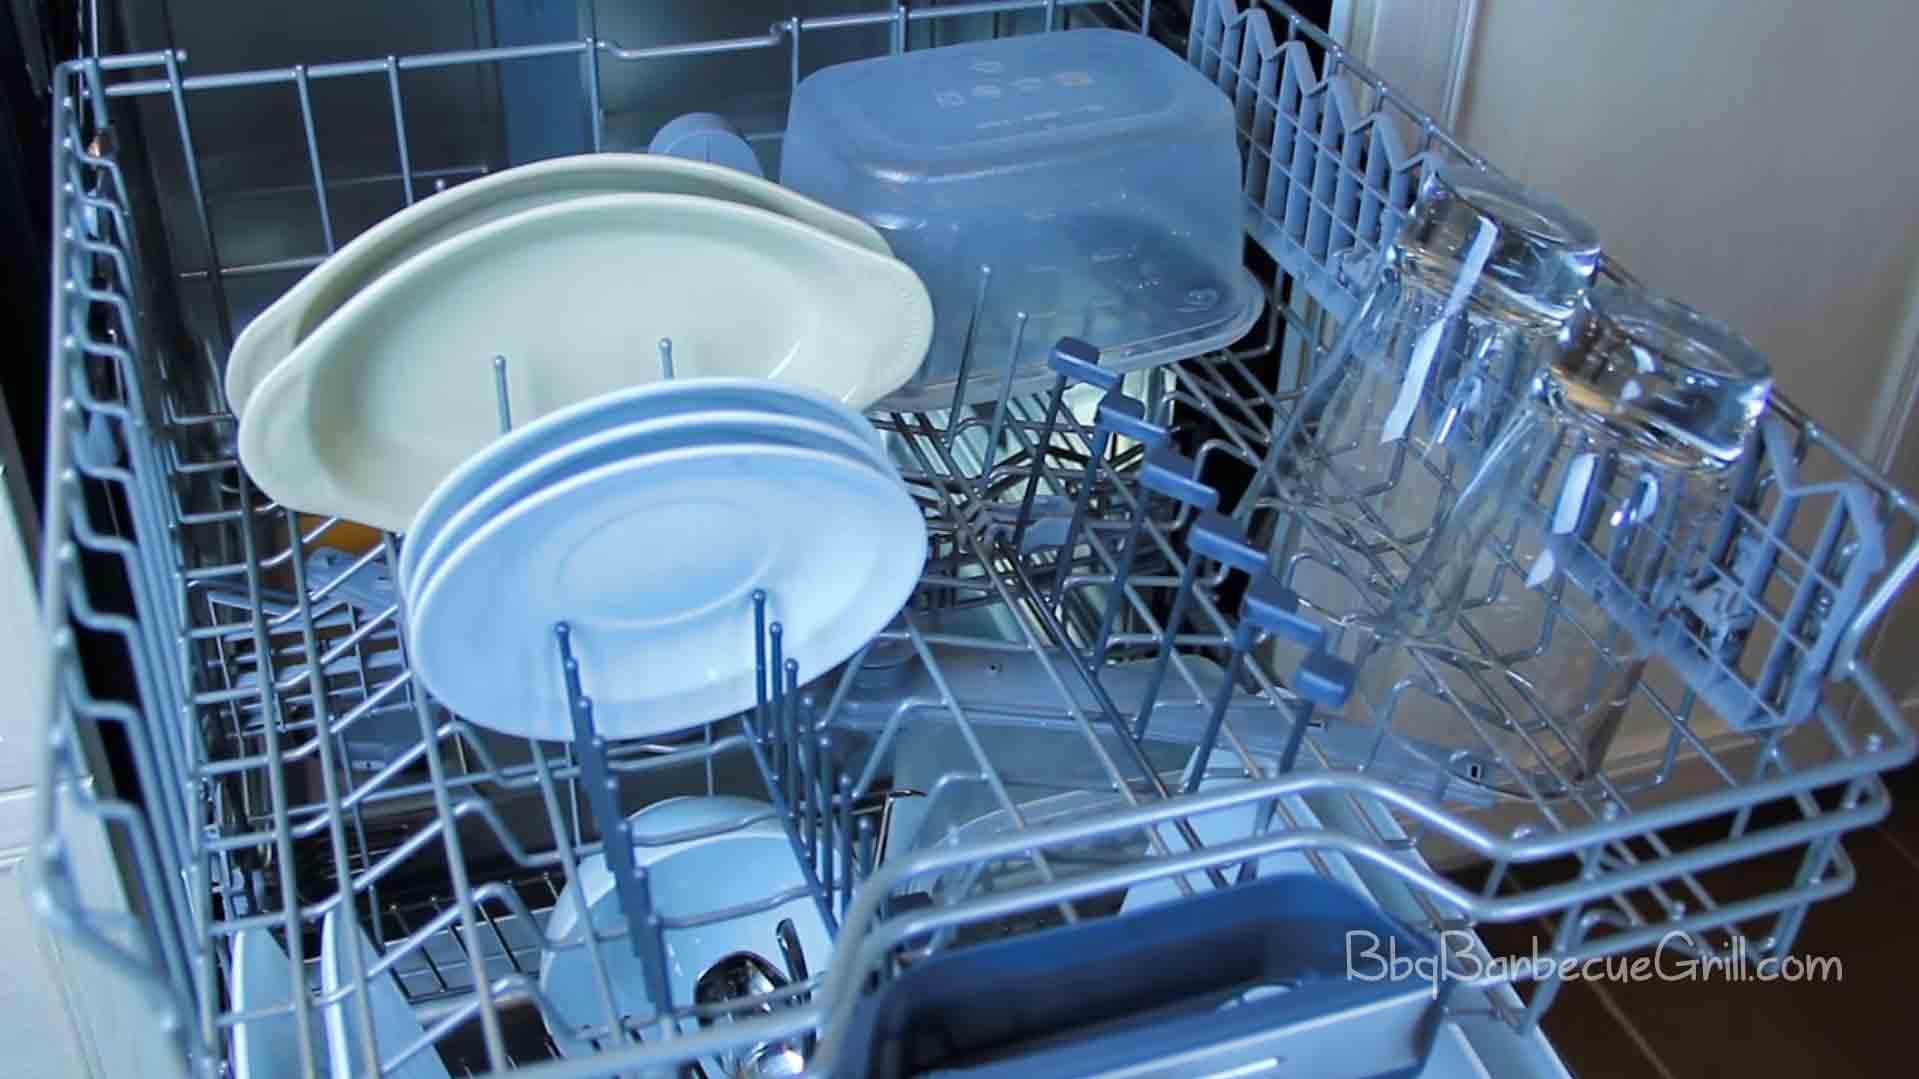 Best dishwasher safe electric griddle